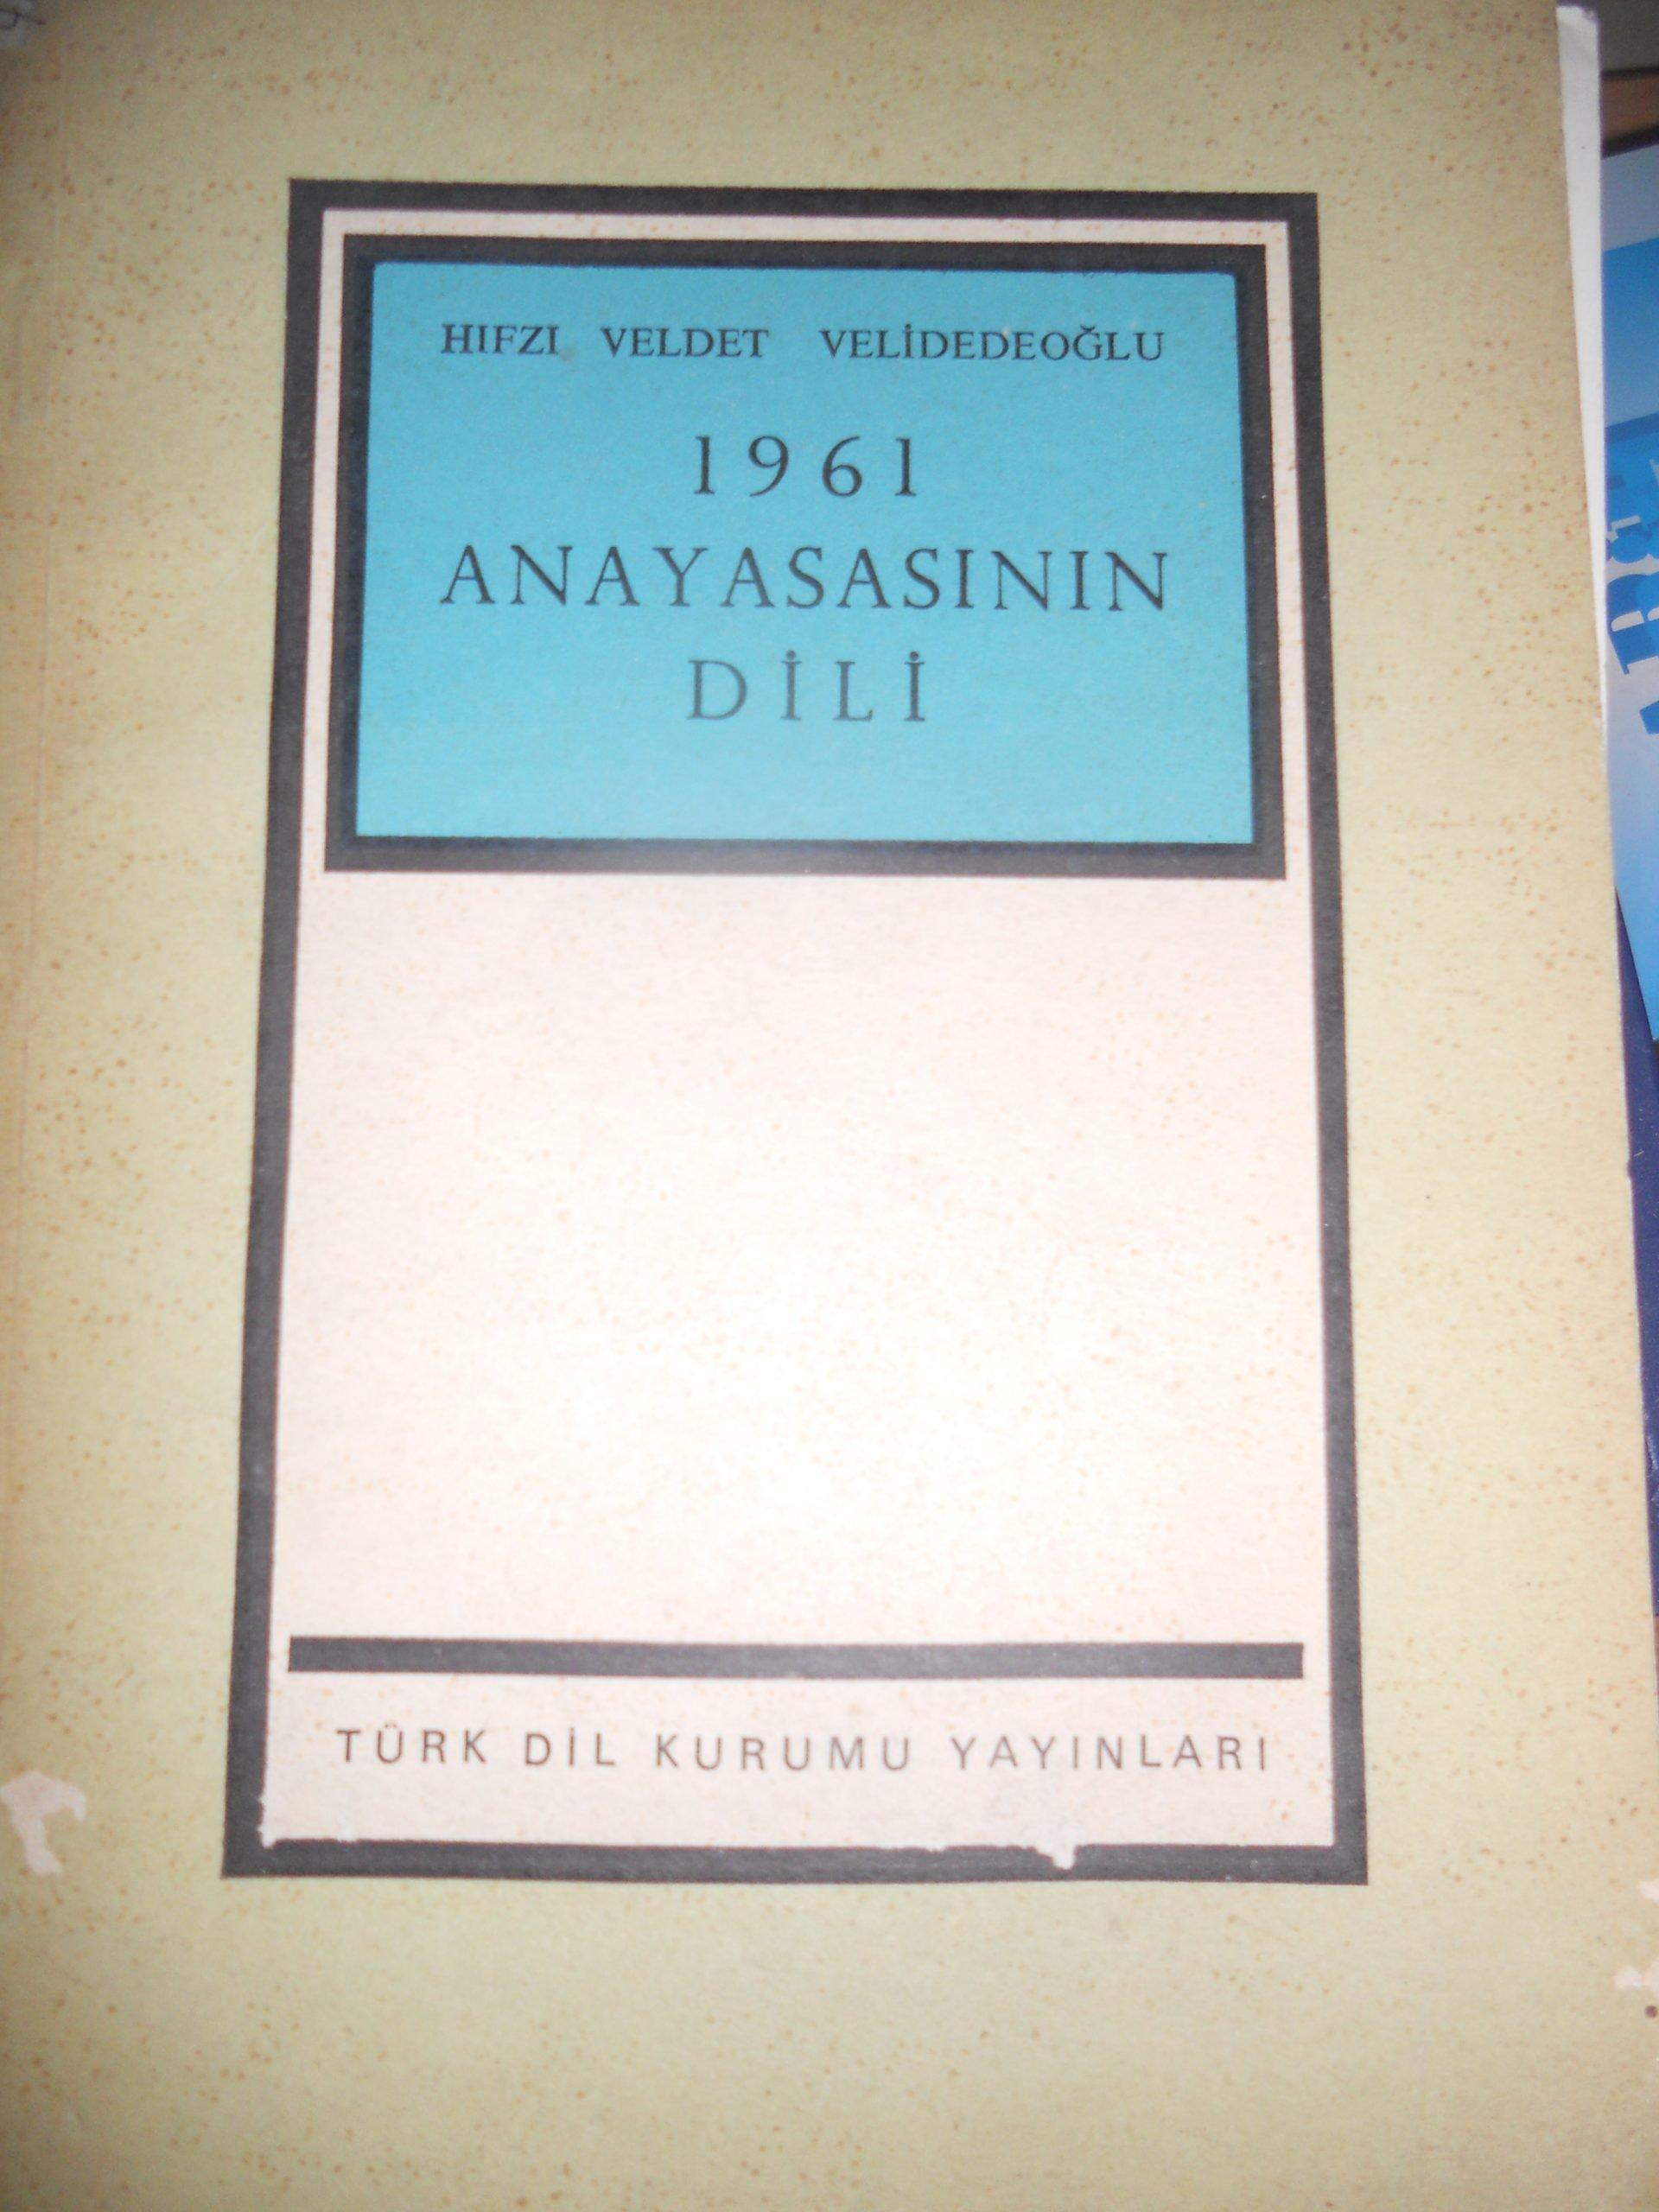 1961 ANAYASASININ DİLİ/ H.Veldet VELİDEDEOĞLU/ 15 TL